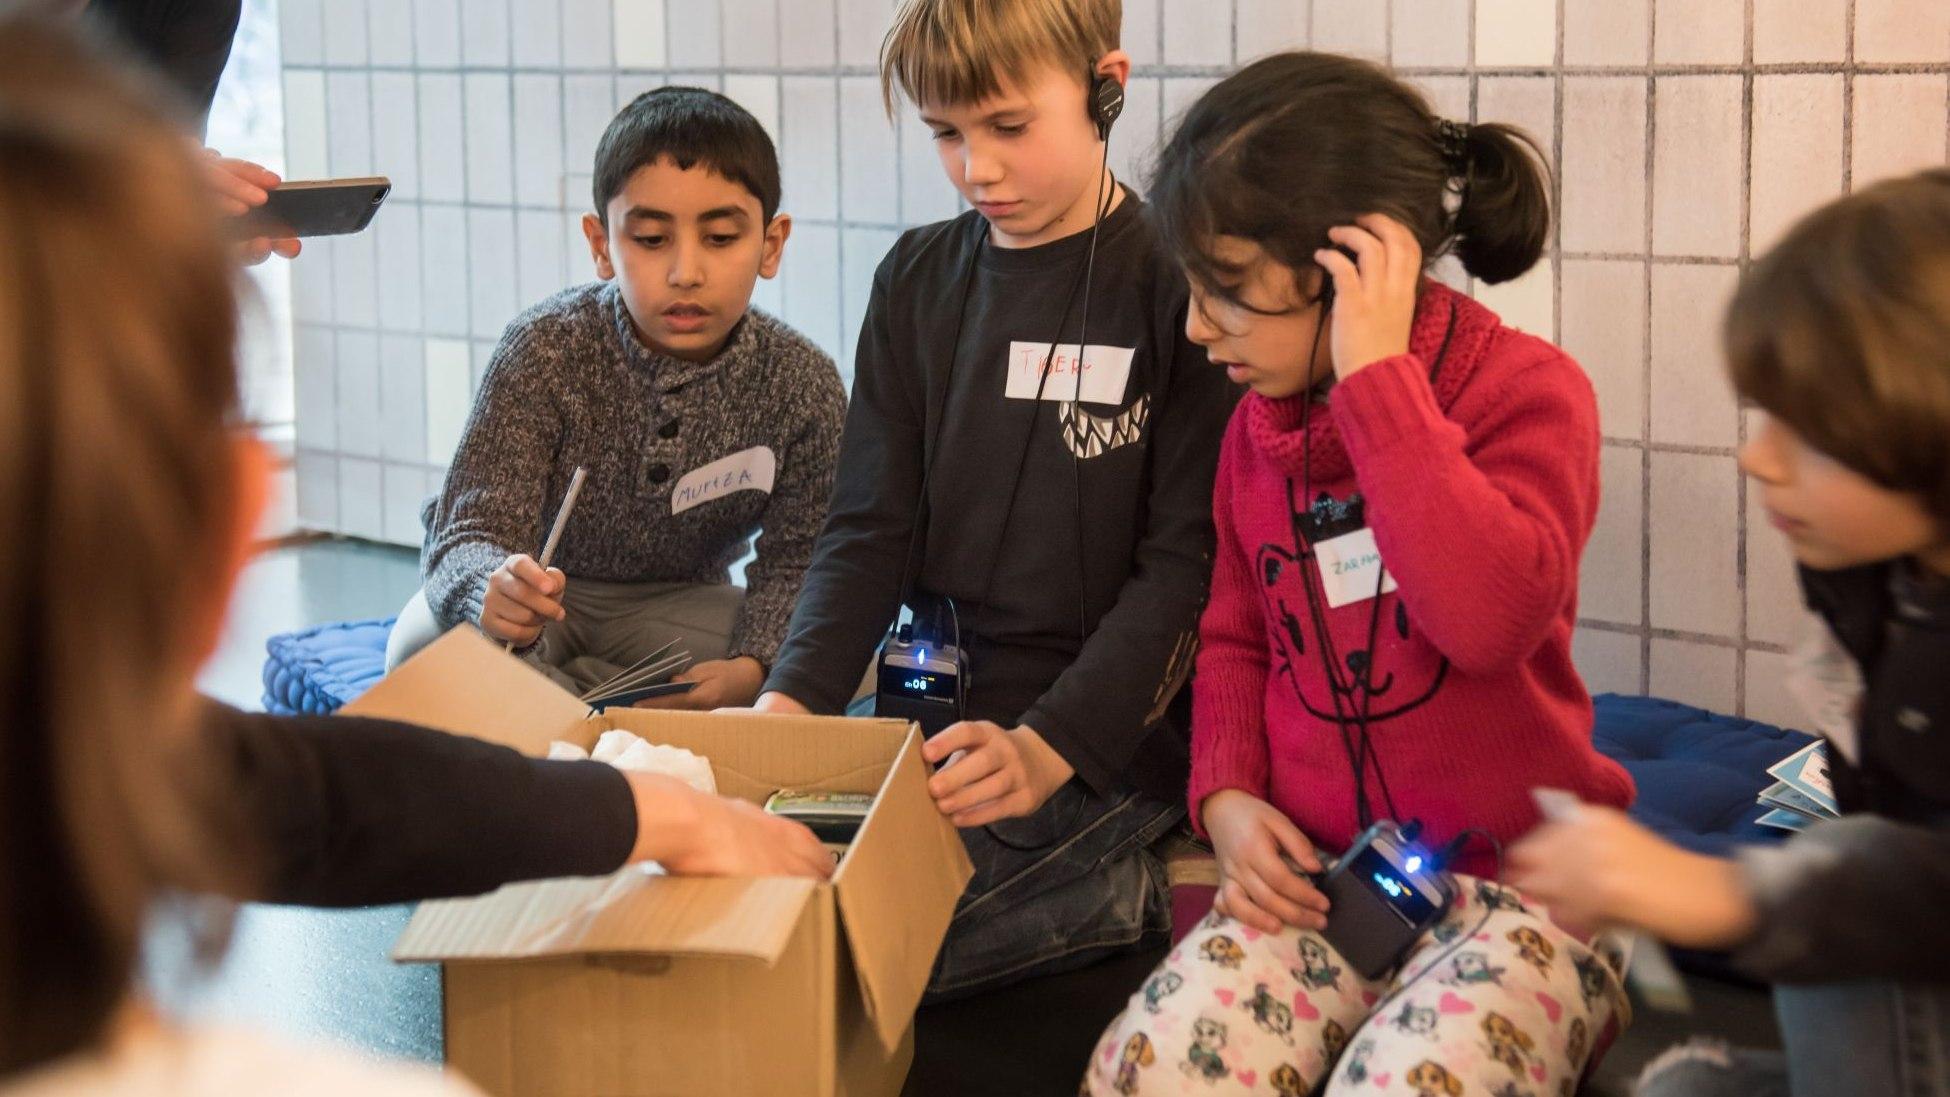 Drei Jungen und ein Mädchen knien vor einem geöffneten Paket